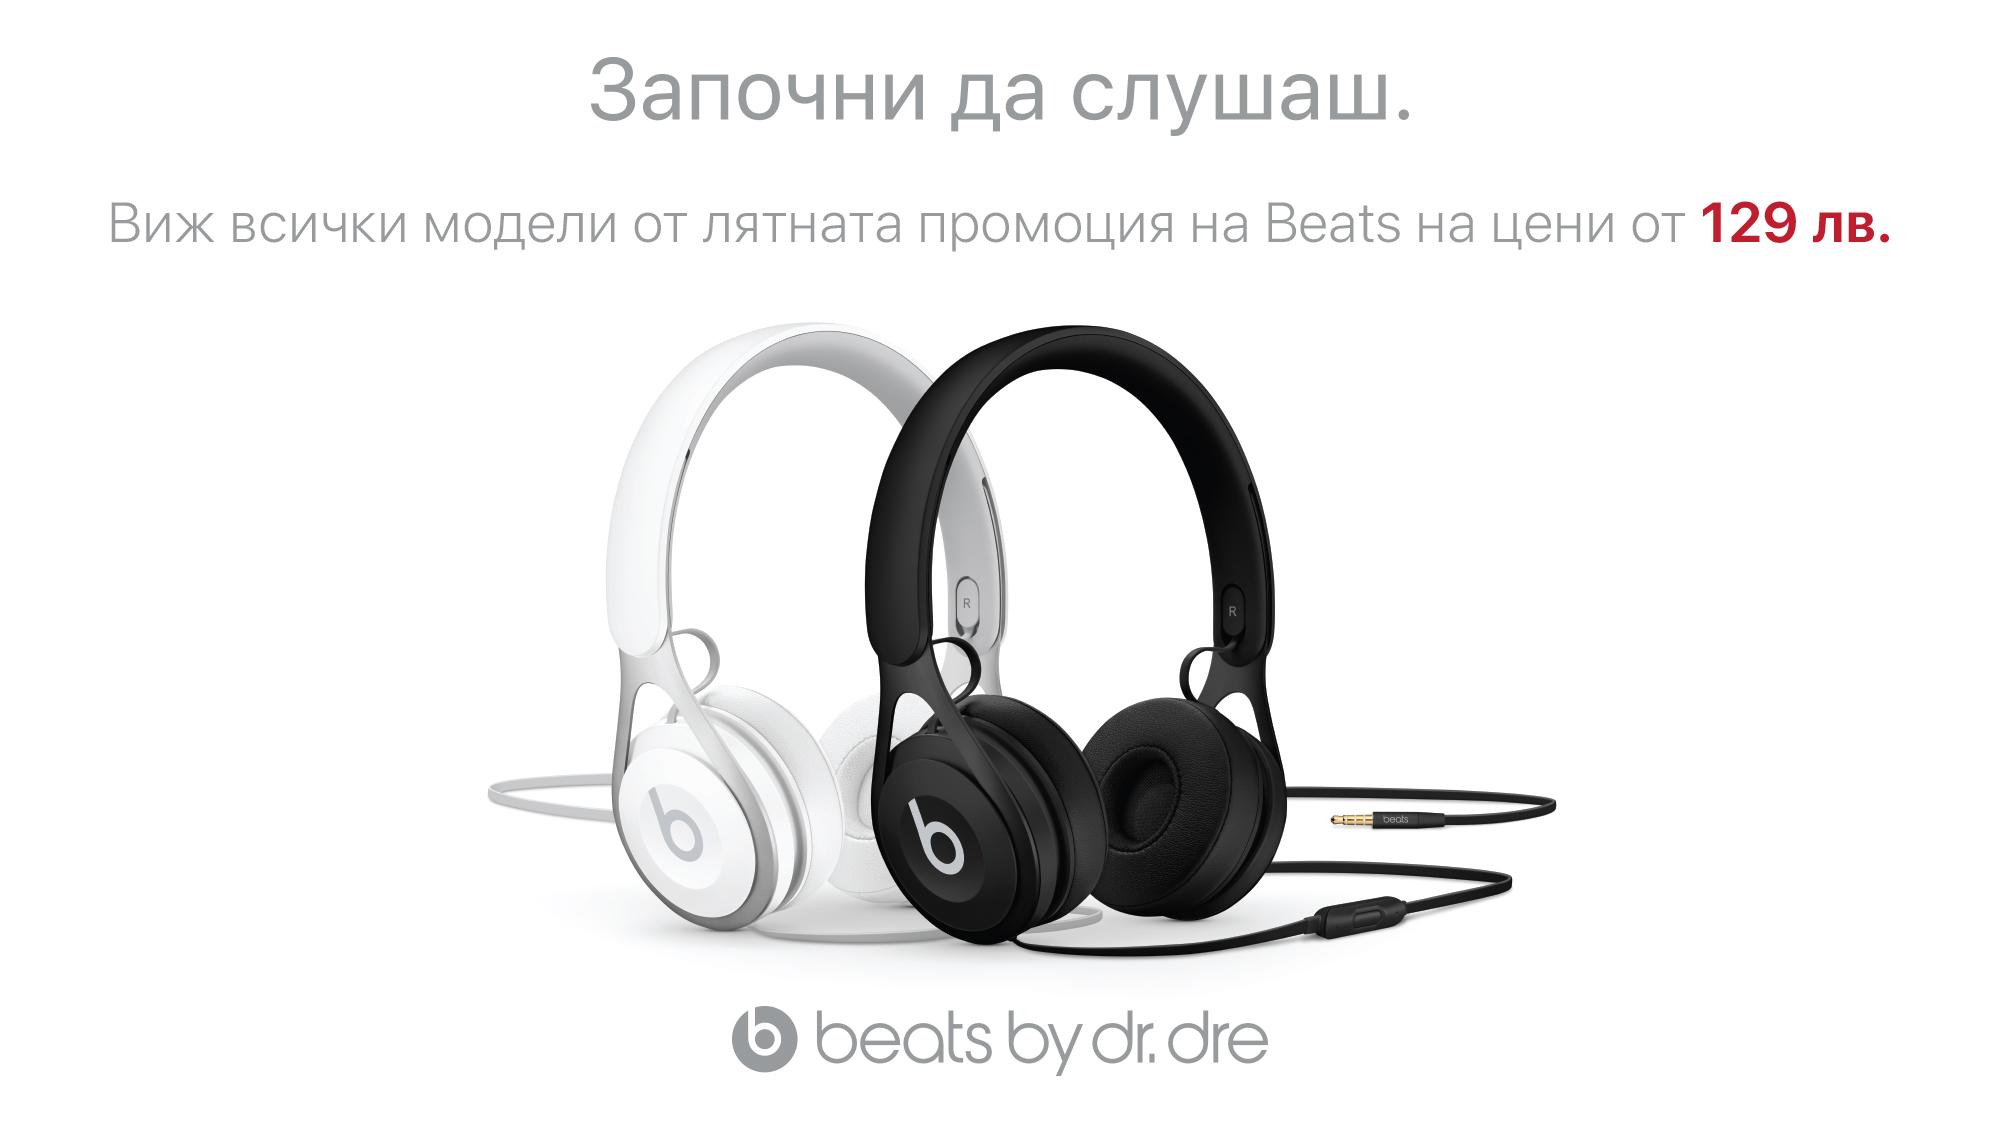 Beats  Hero Image